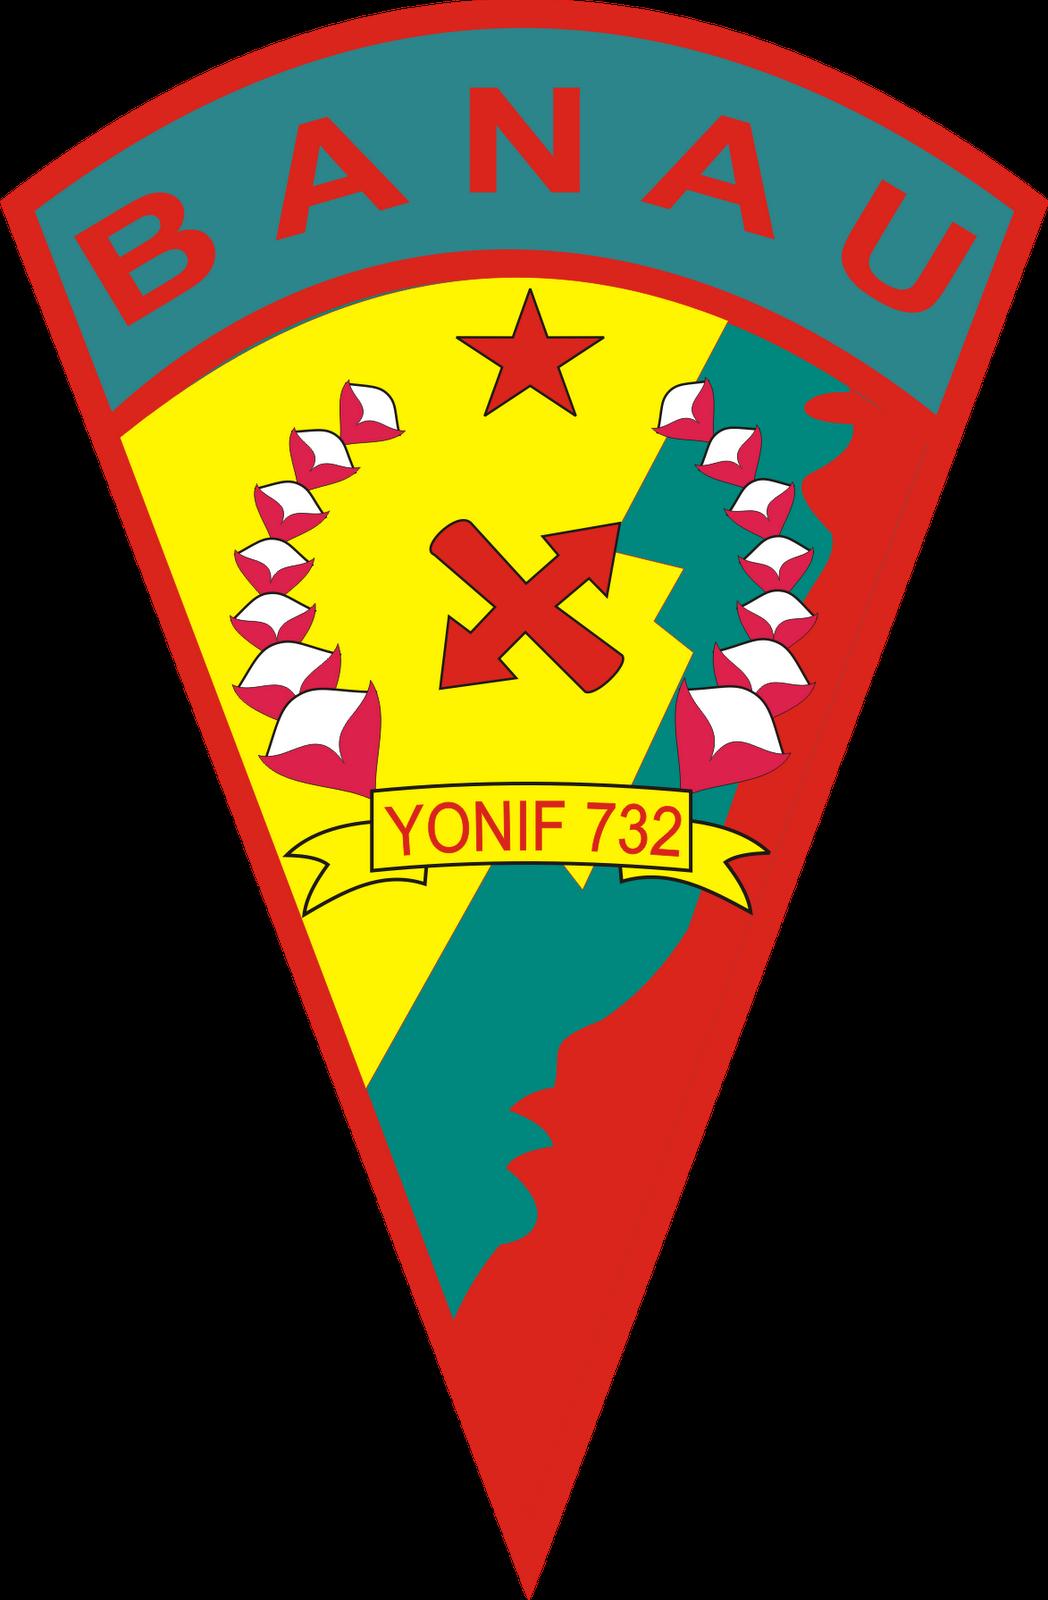 Logo Yonif 732 Banau ~ Kumpulan Logo Lambang Indonesia